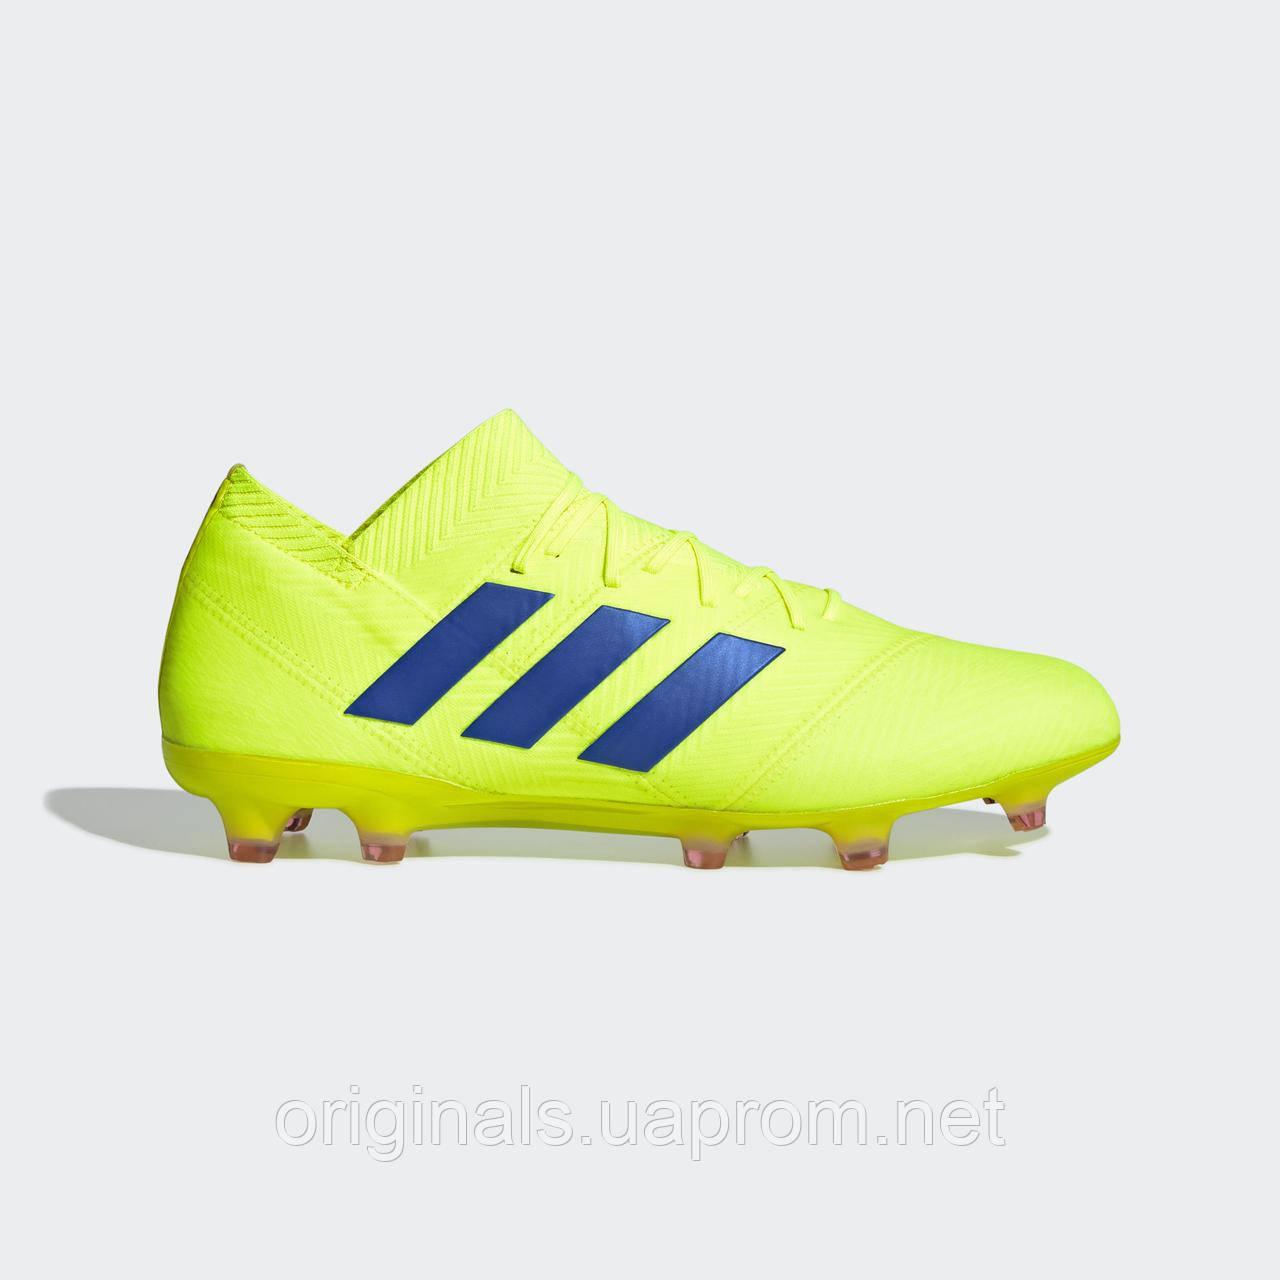 9eb43c39 Футбольные бутсы Adidas Nemeziz 18.1 FG BB9426 - 2019 - интернет-магазин  Originals - Оригинальный